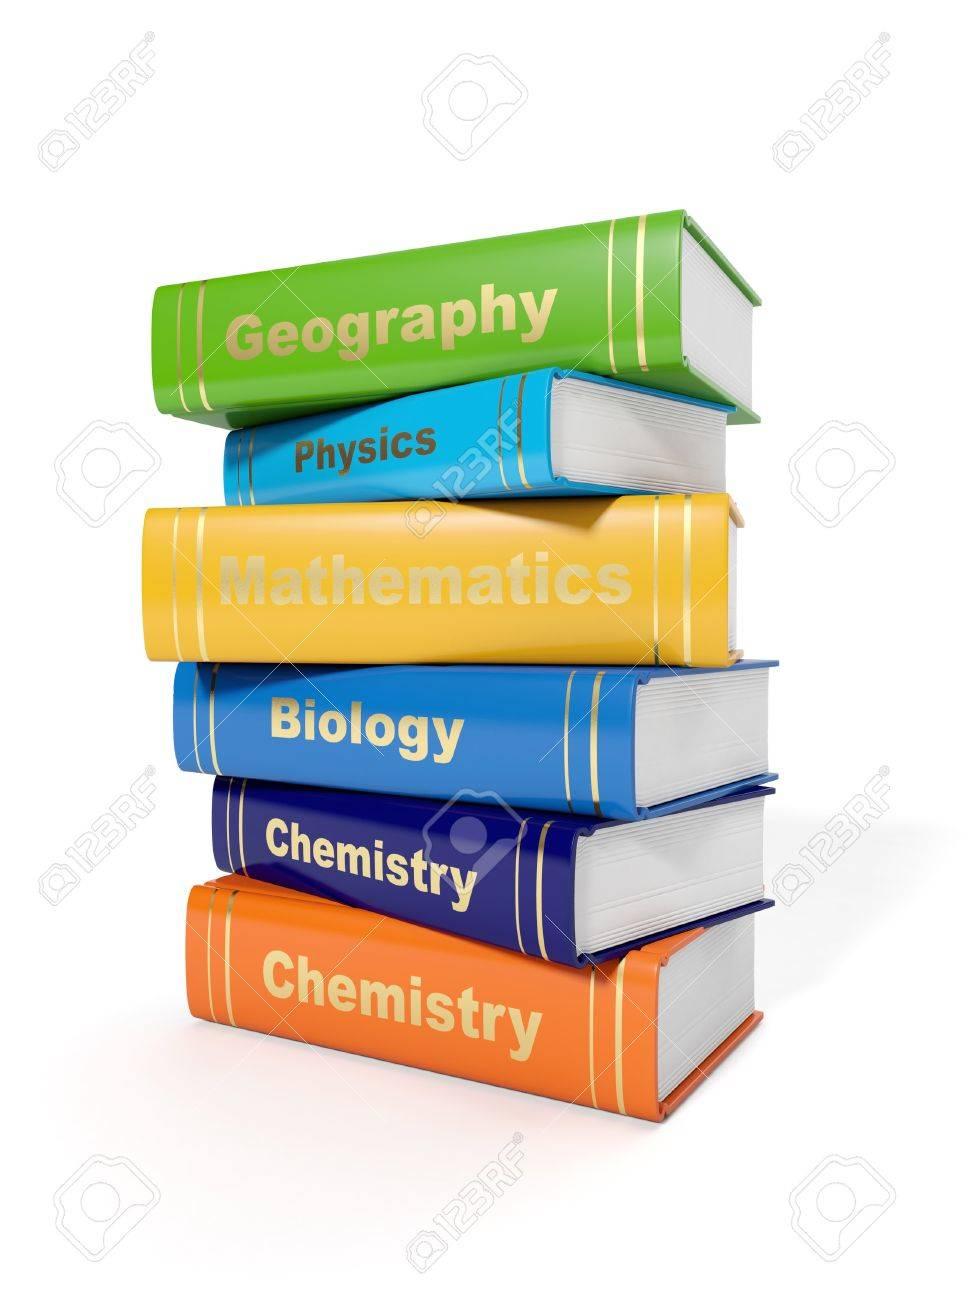 3 D イラスト 白い背景の上のセカンダリの学校教科書 の写真素材画像